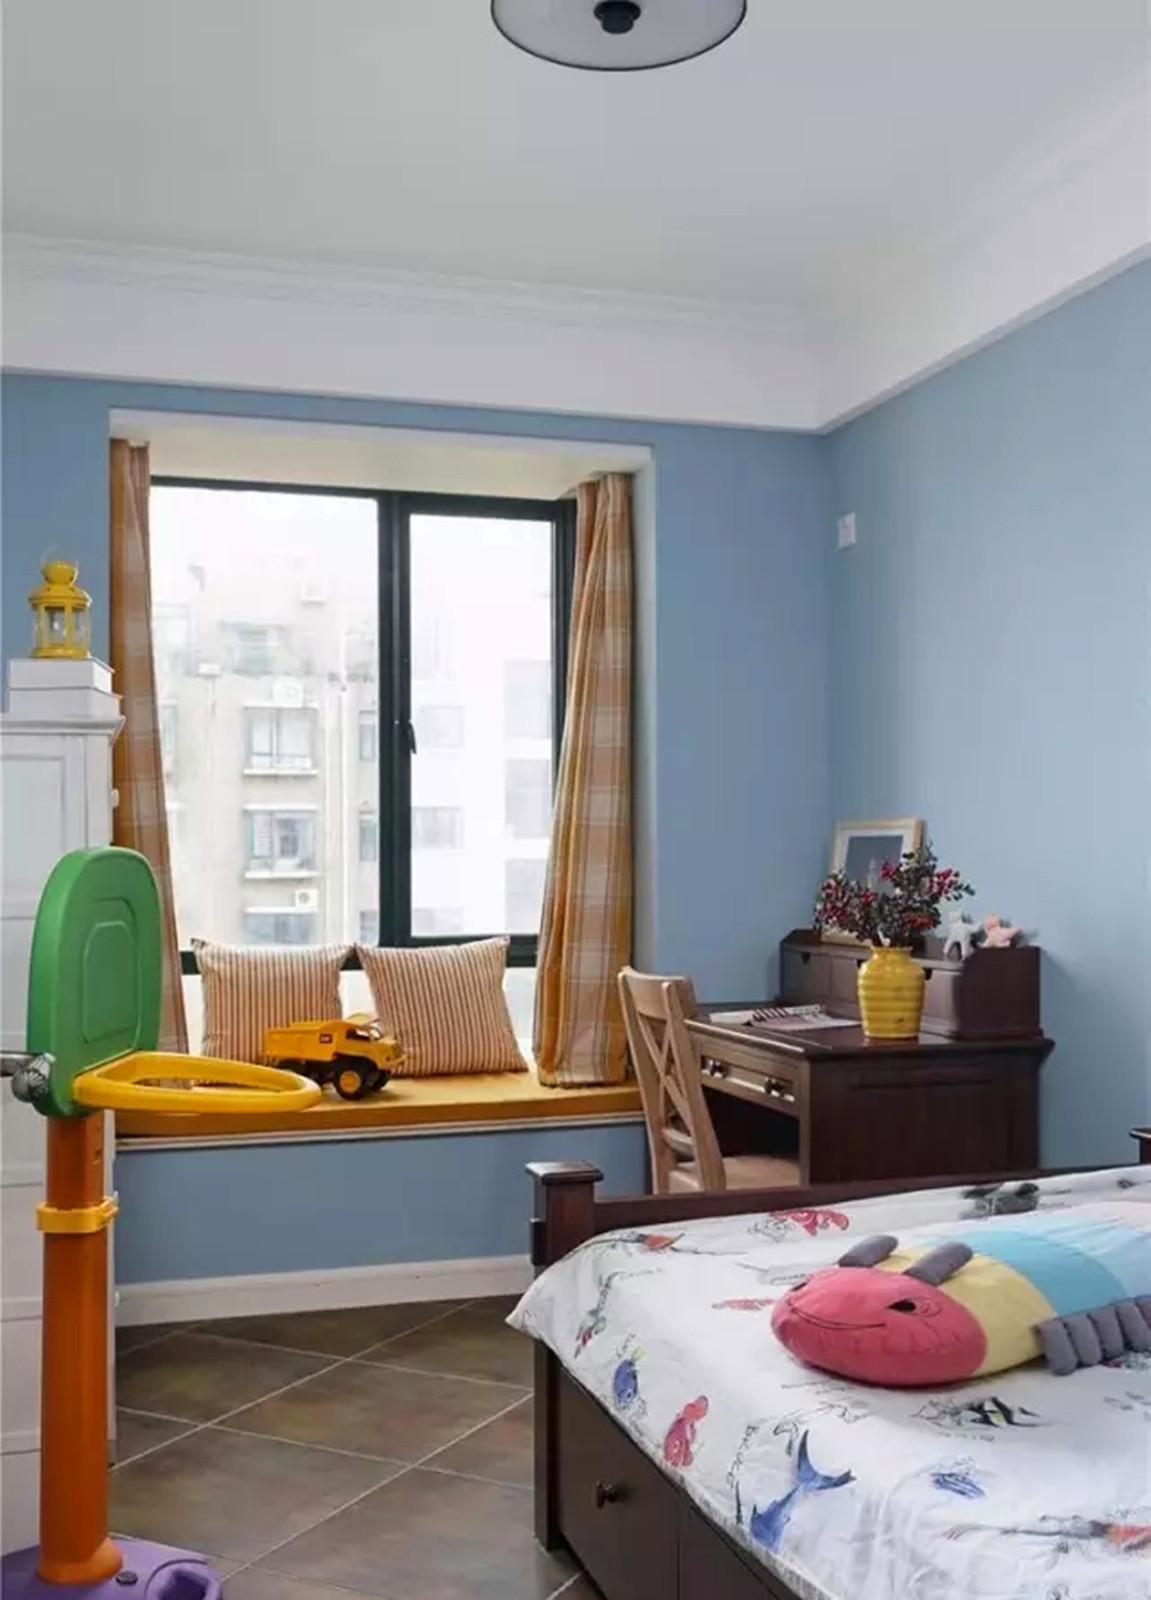 美式 三居 轻盈 舒适 儿童房图片来自高度国际装饰宋增会在碧桂园118平米美式设计的分享